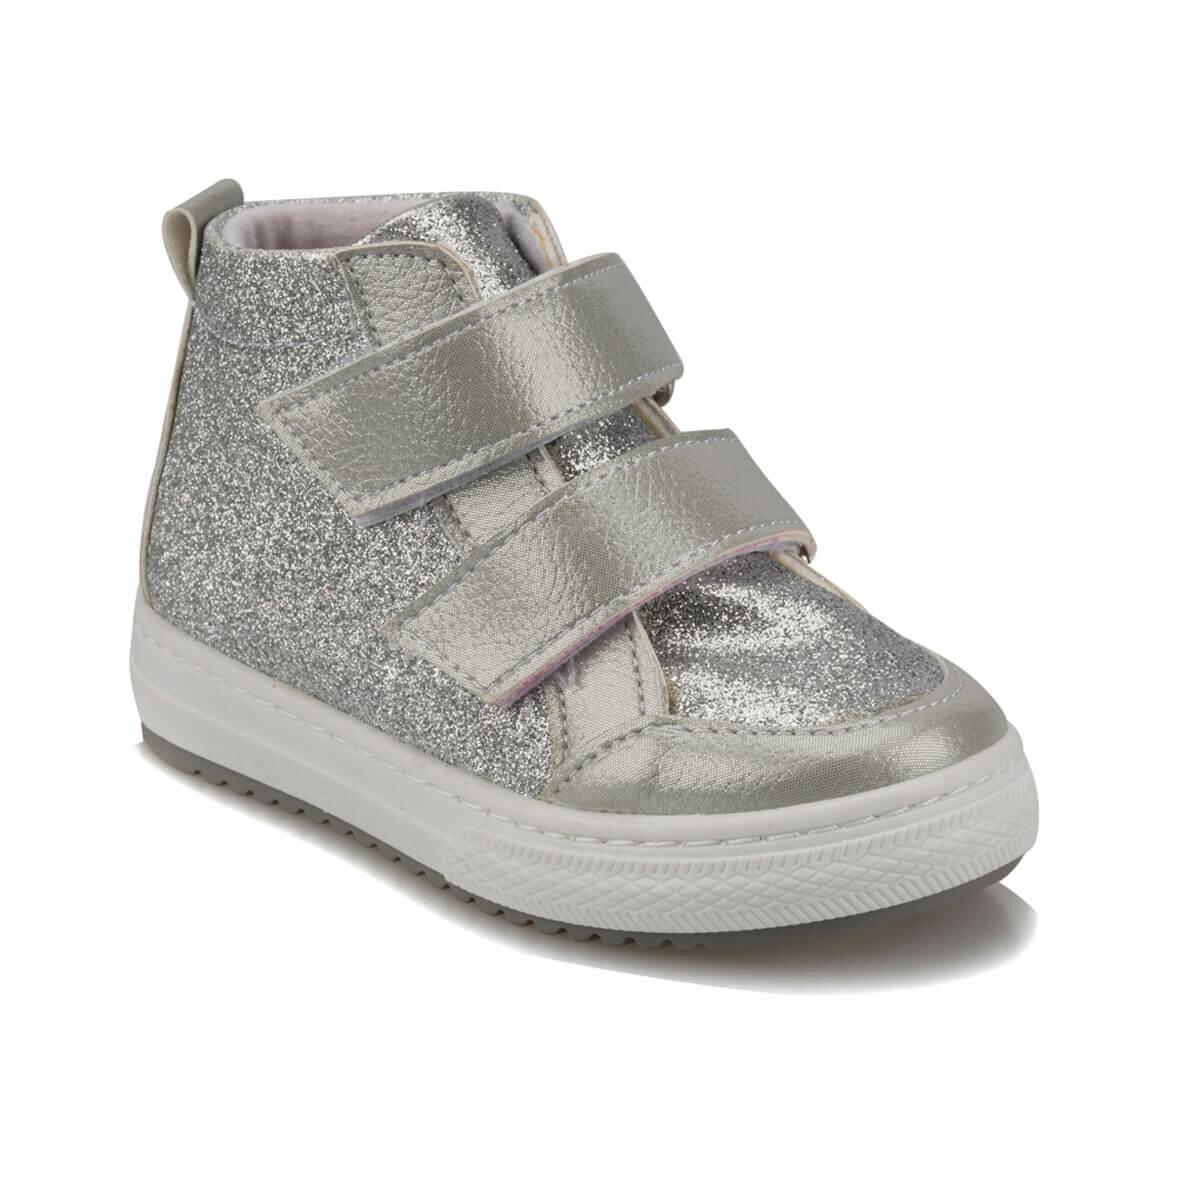 Anne ve Çocuk'ten Botlar'de FLO 92.512018.B Gümüş Kız Çocuk Sneaker Ayakkabı Polaris title=